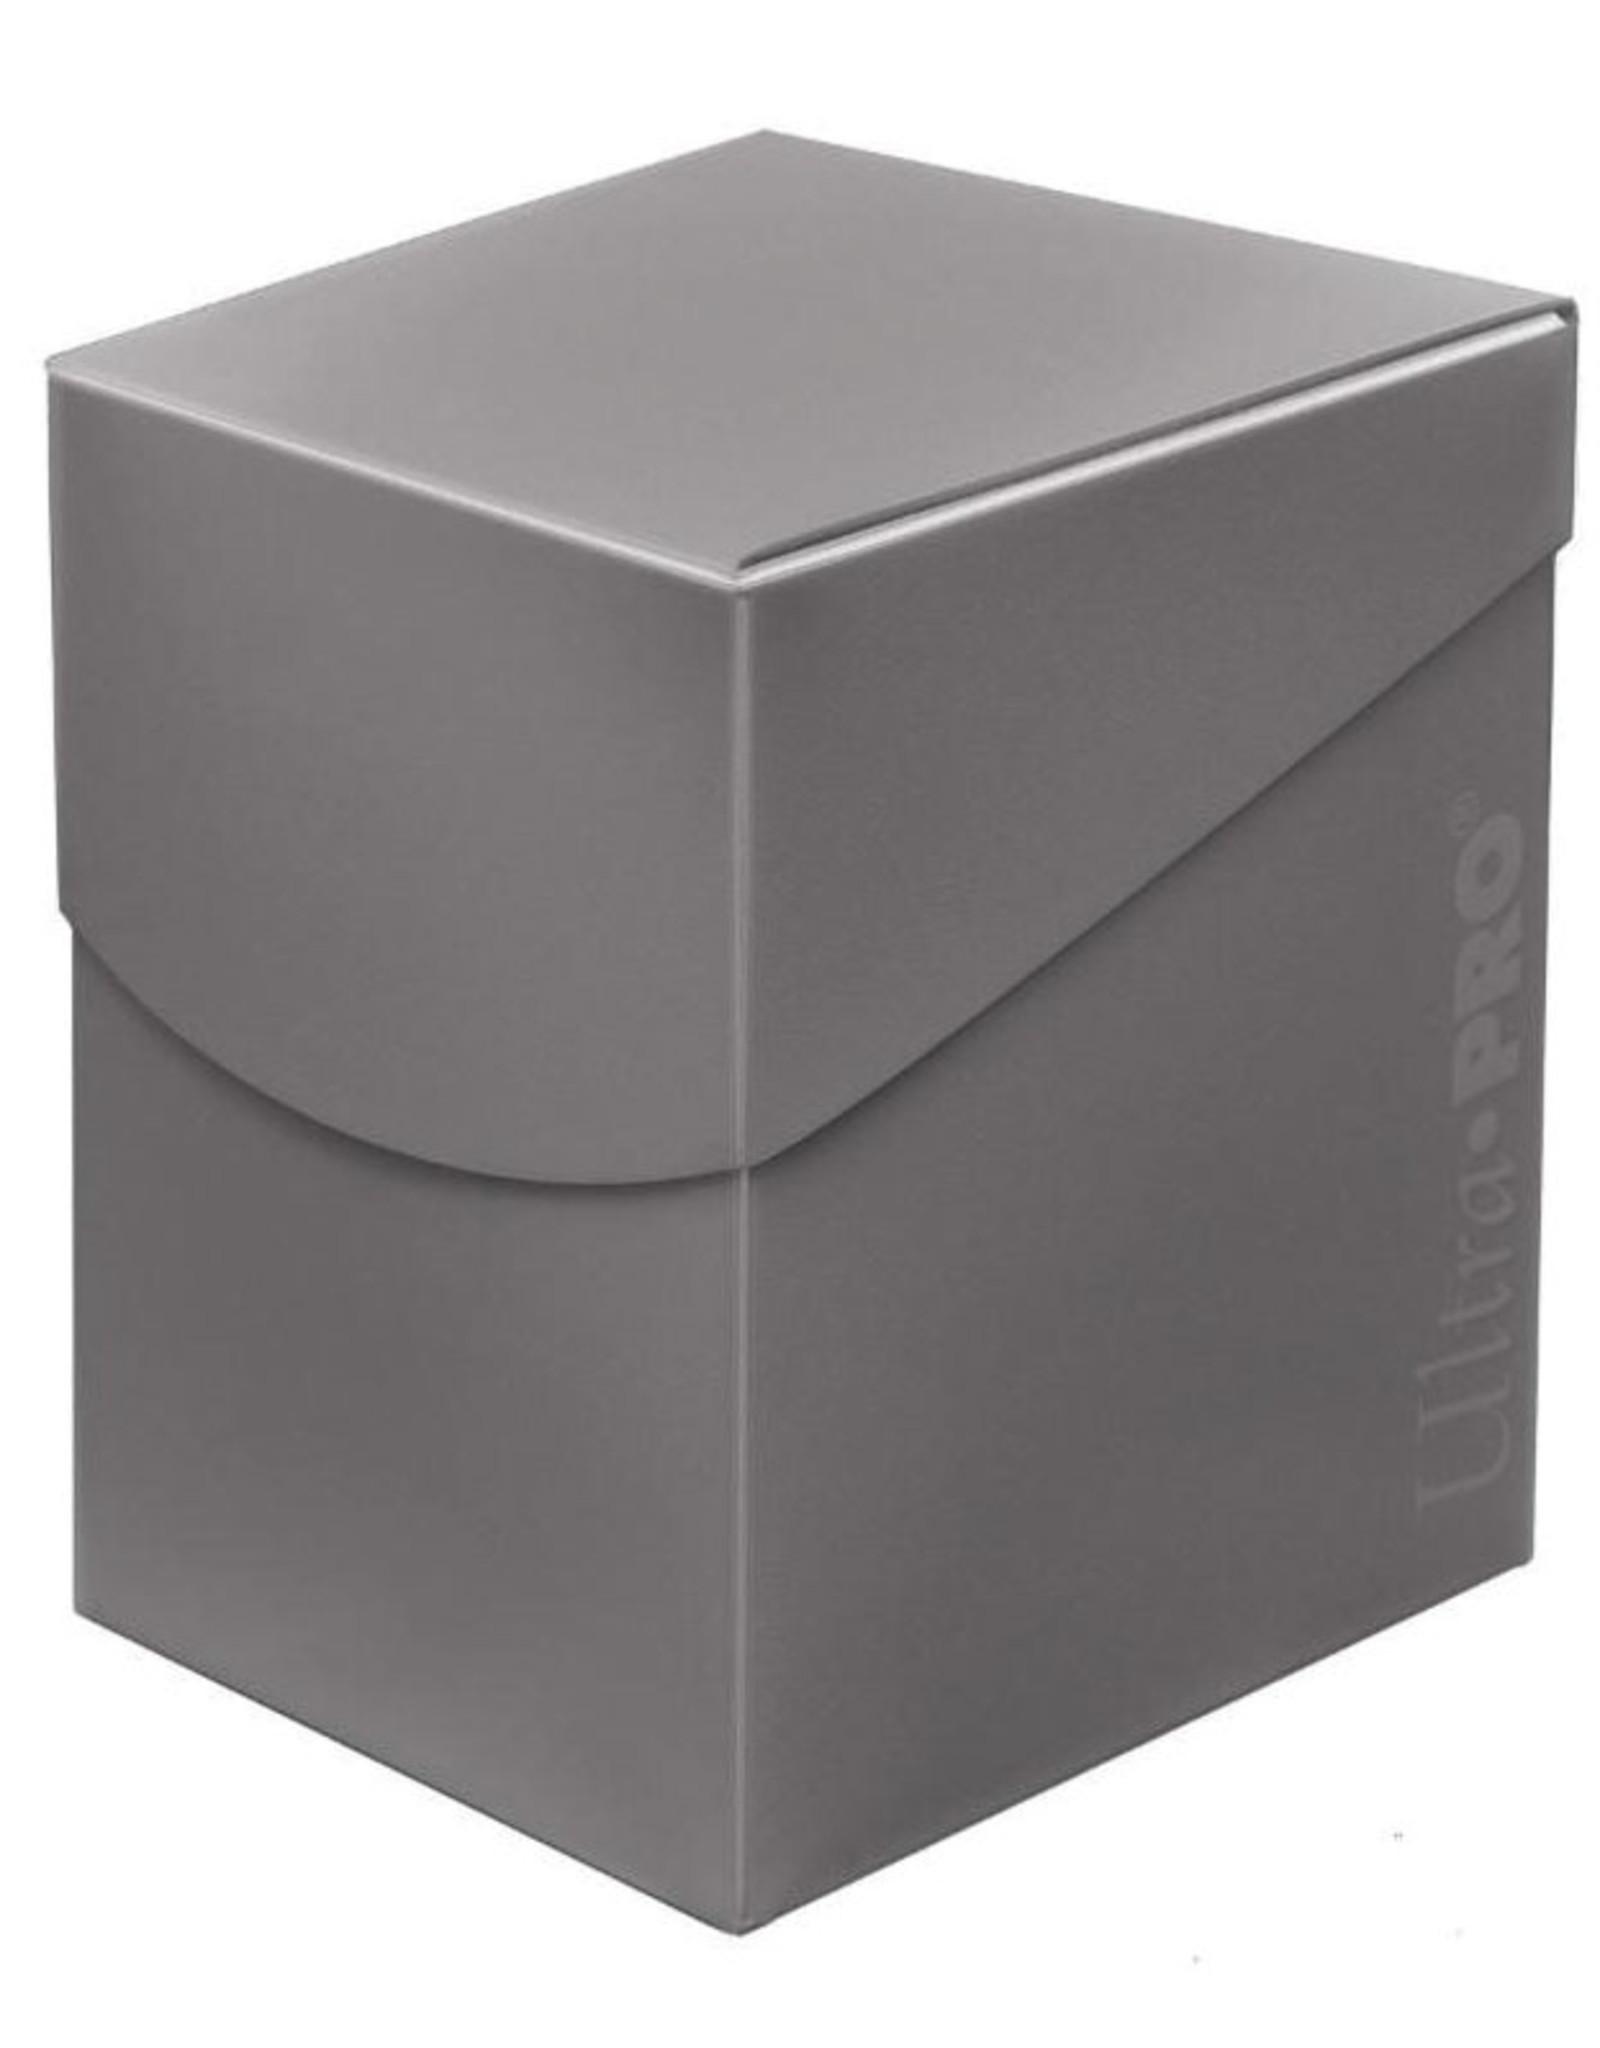 Ultra Pro Deck Box: PRO 100+: Eclipse: Smoke GY